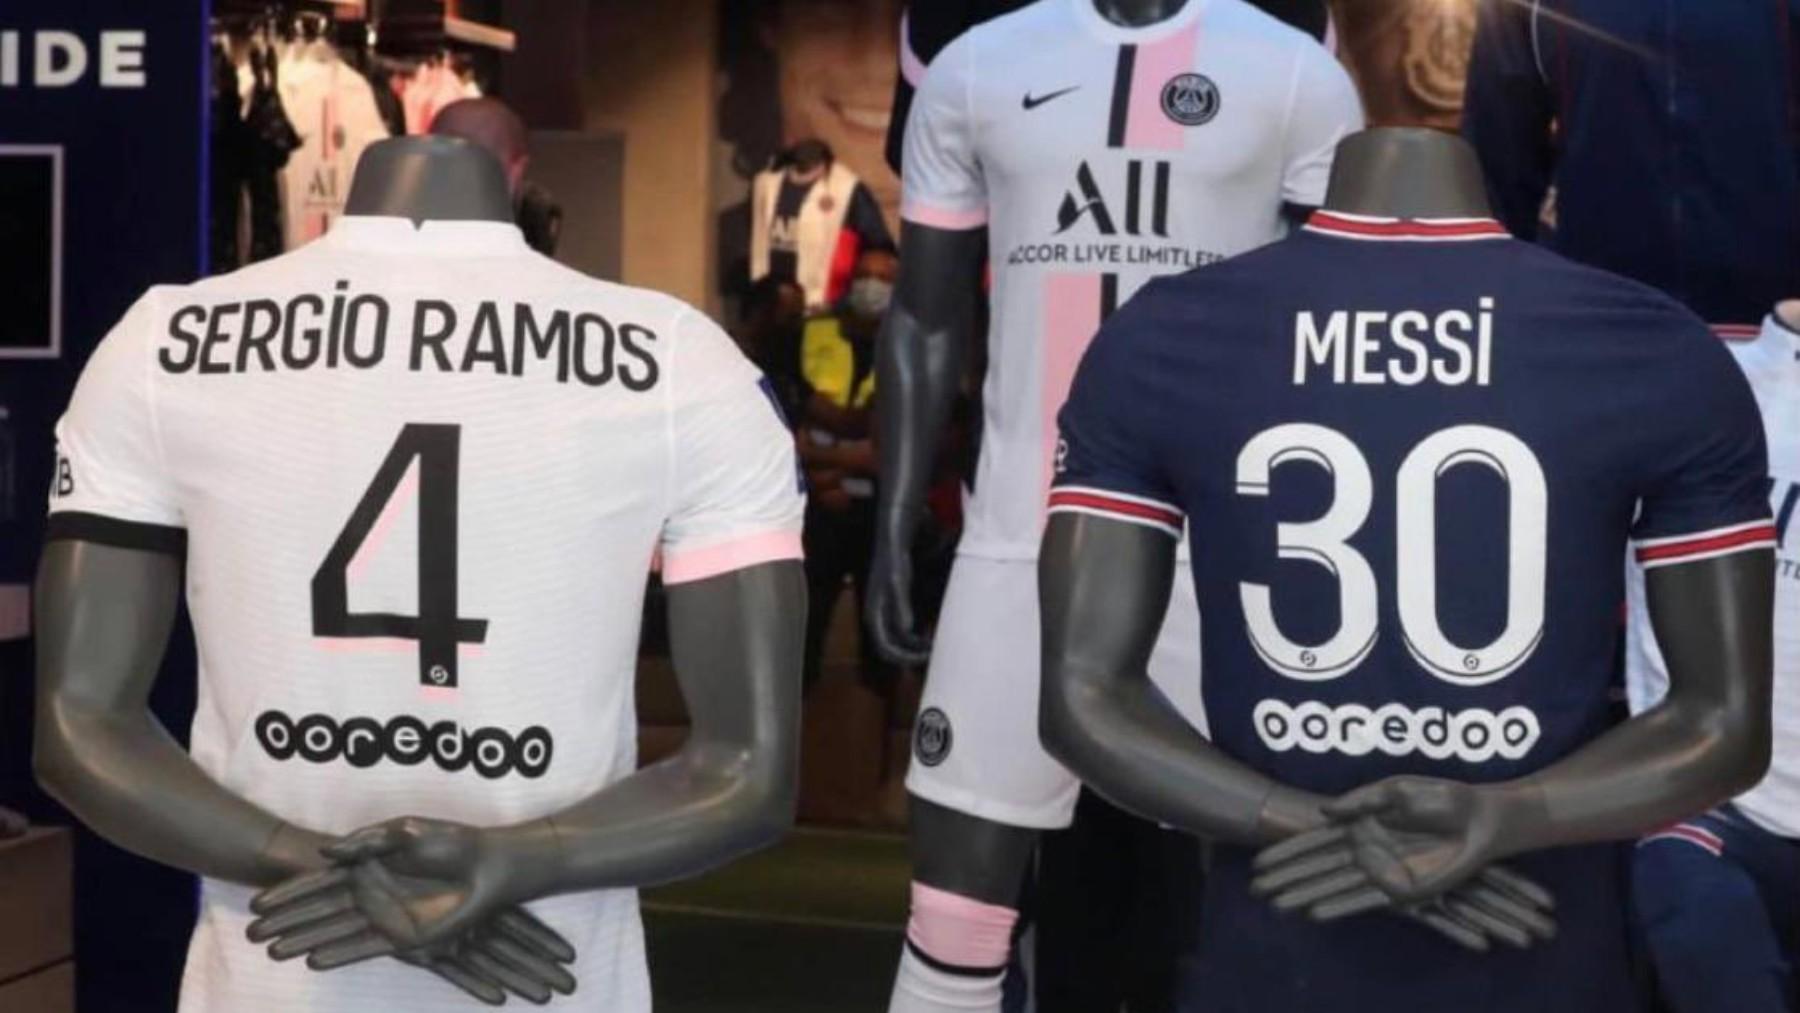 Las camisetas de Sergio Ramos y Leo Messi expuestas en la tienda oficial del PSG. (Foto: Sergio Ramos)